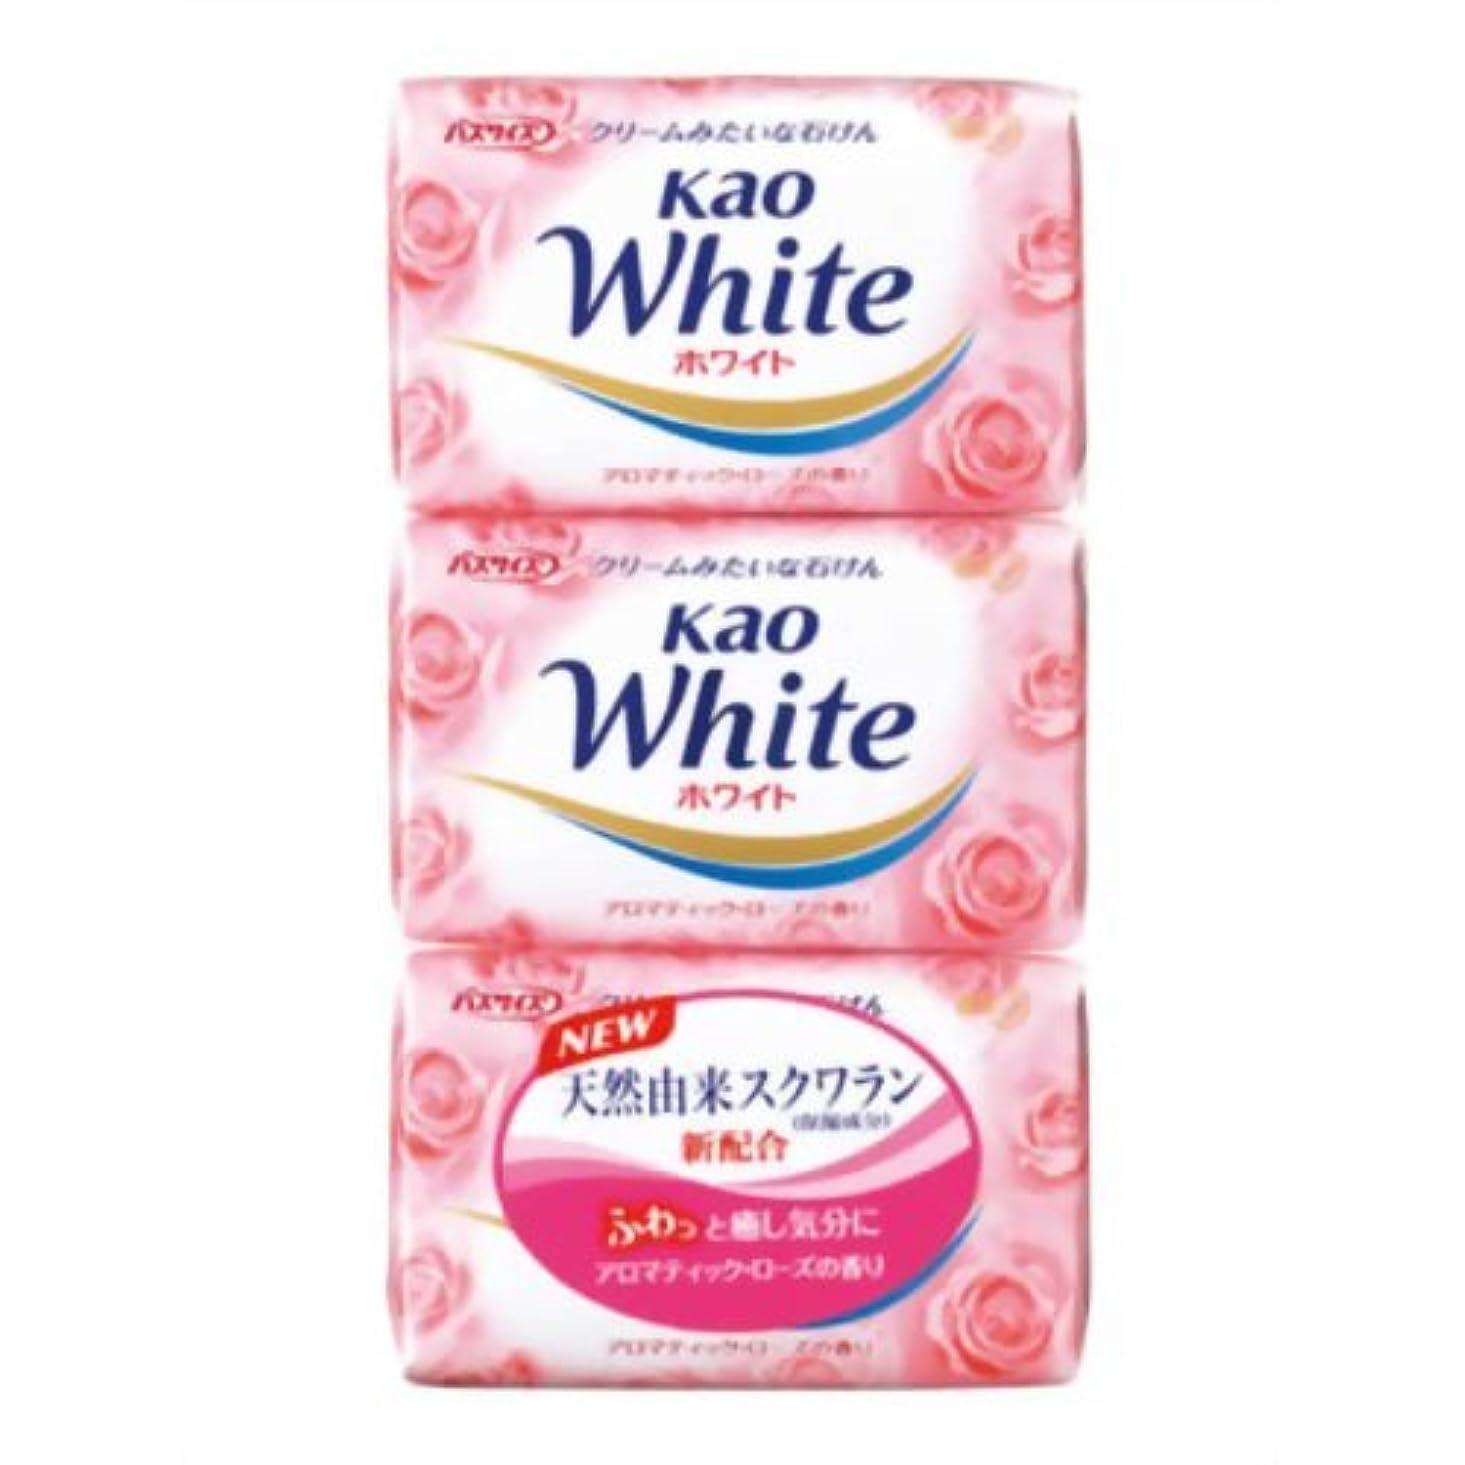 夜雪だるましみ花王ホワイト アロマティックローズの香り バスサイズ 130g*3個入